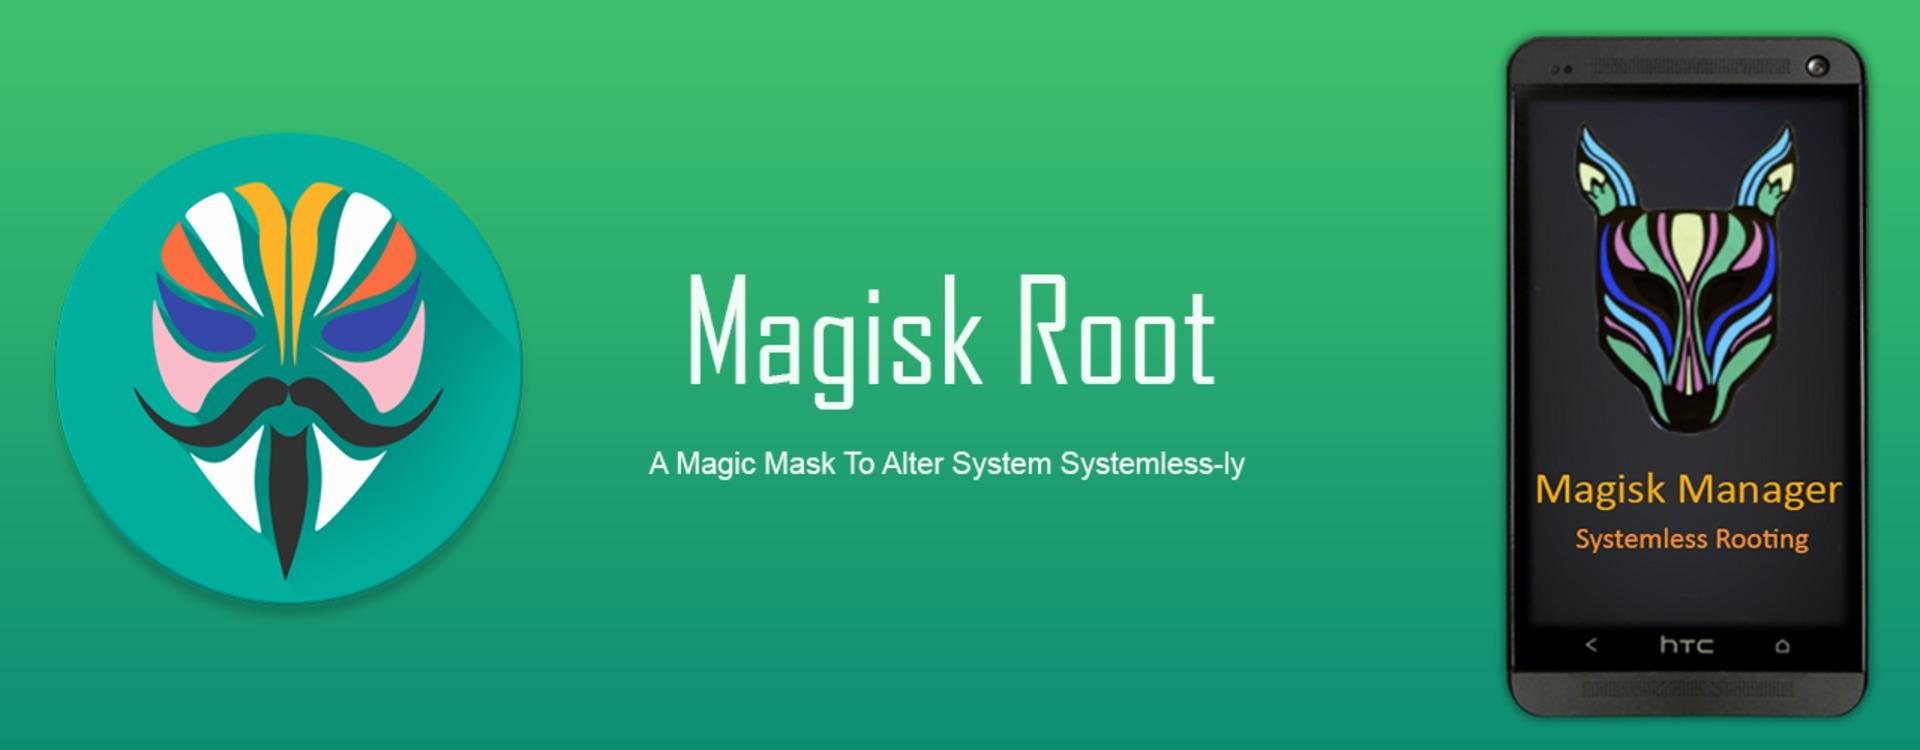 magiskapk - banner_head